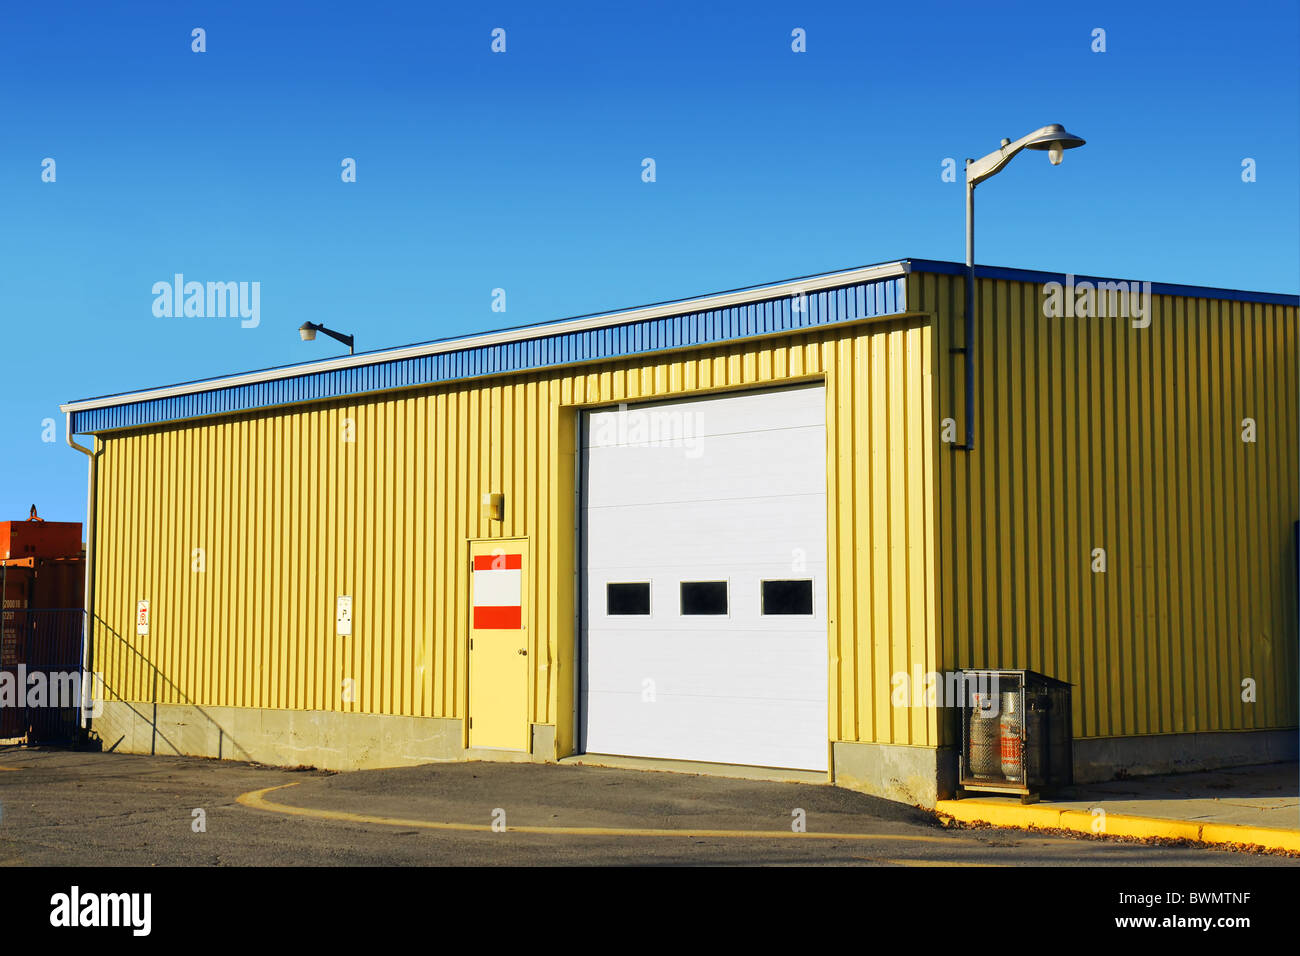 Perfect Kleine Wellpappe Gelb Metall Abstellgleis Garage Oder Arena Stockbild